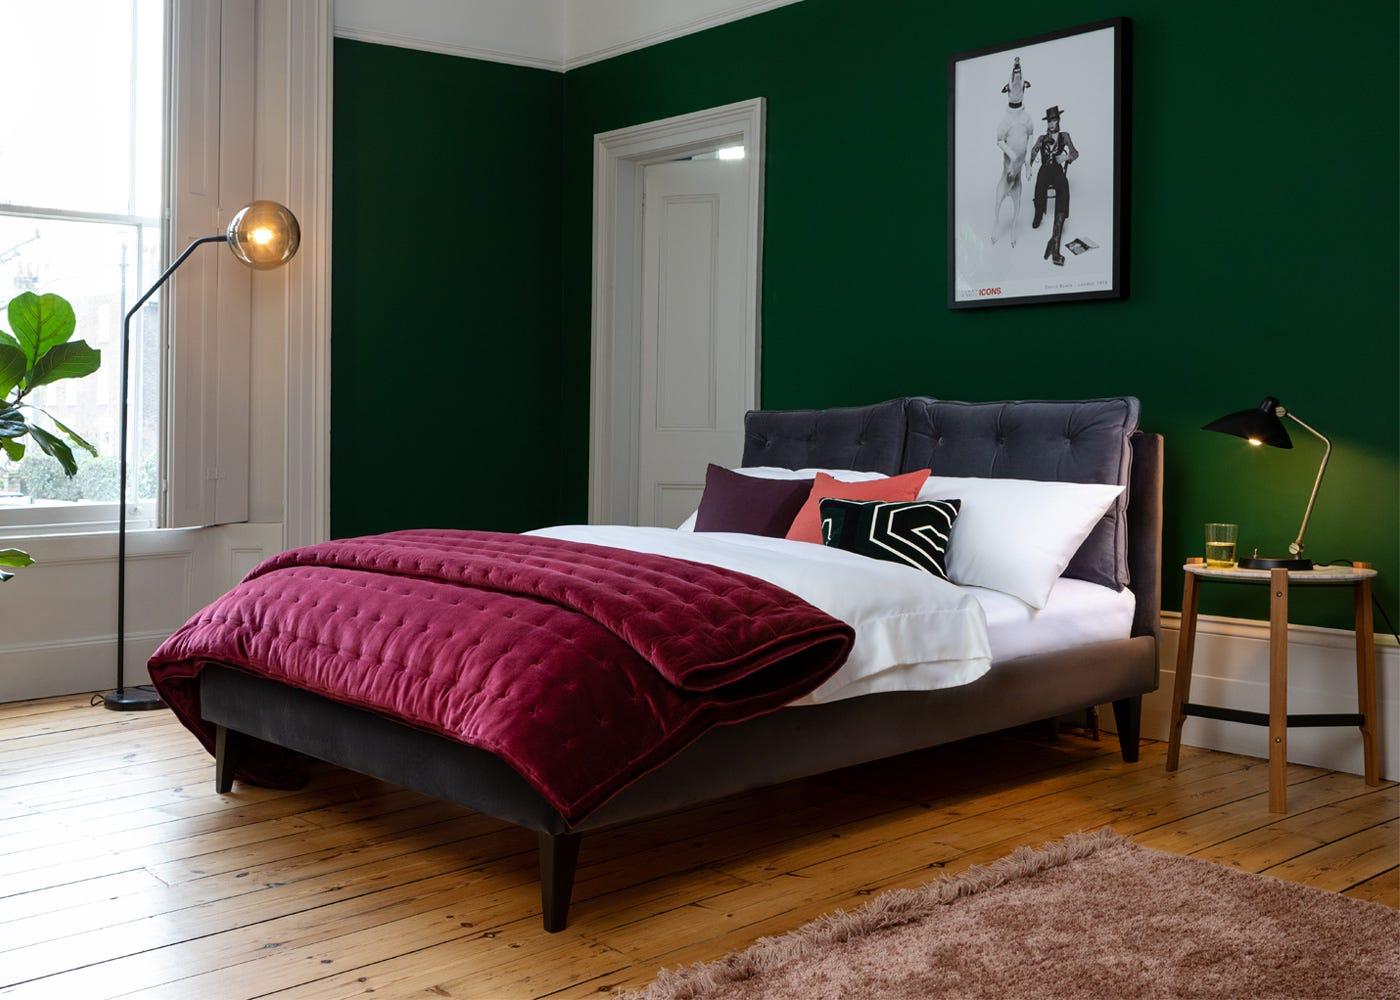 Upholstered in Smart Velvet Grey